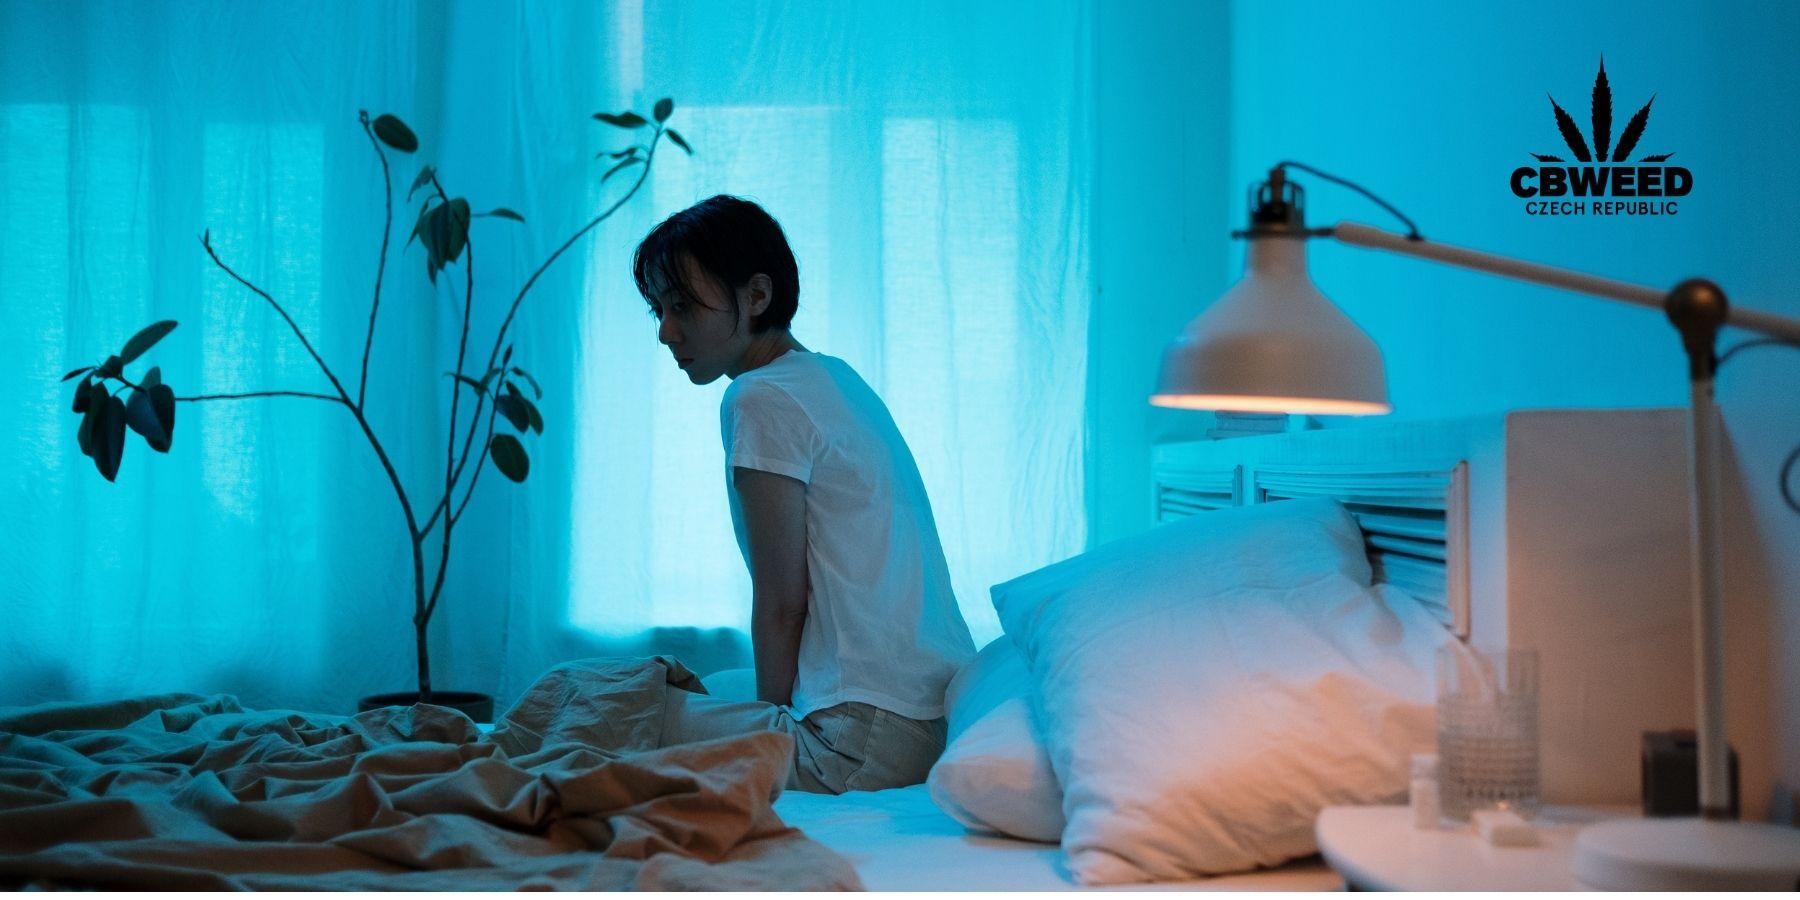 Máte problémy se spánkem? Víme, jak můžete usnout během několika minut